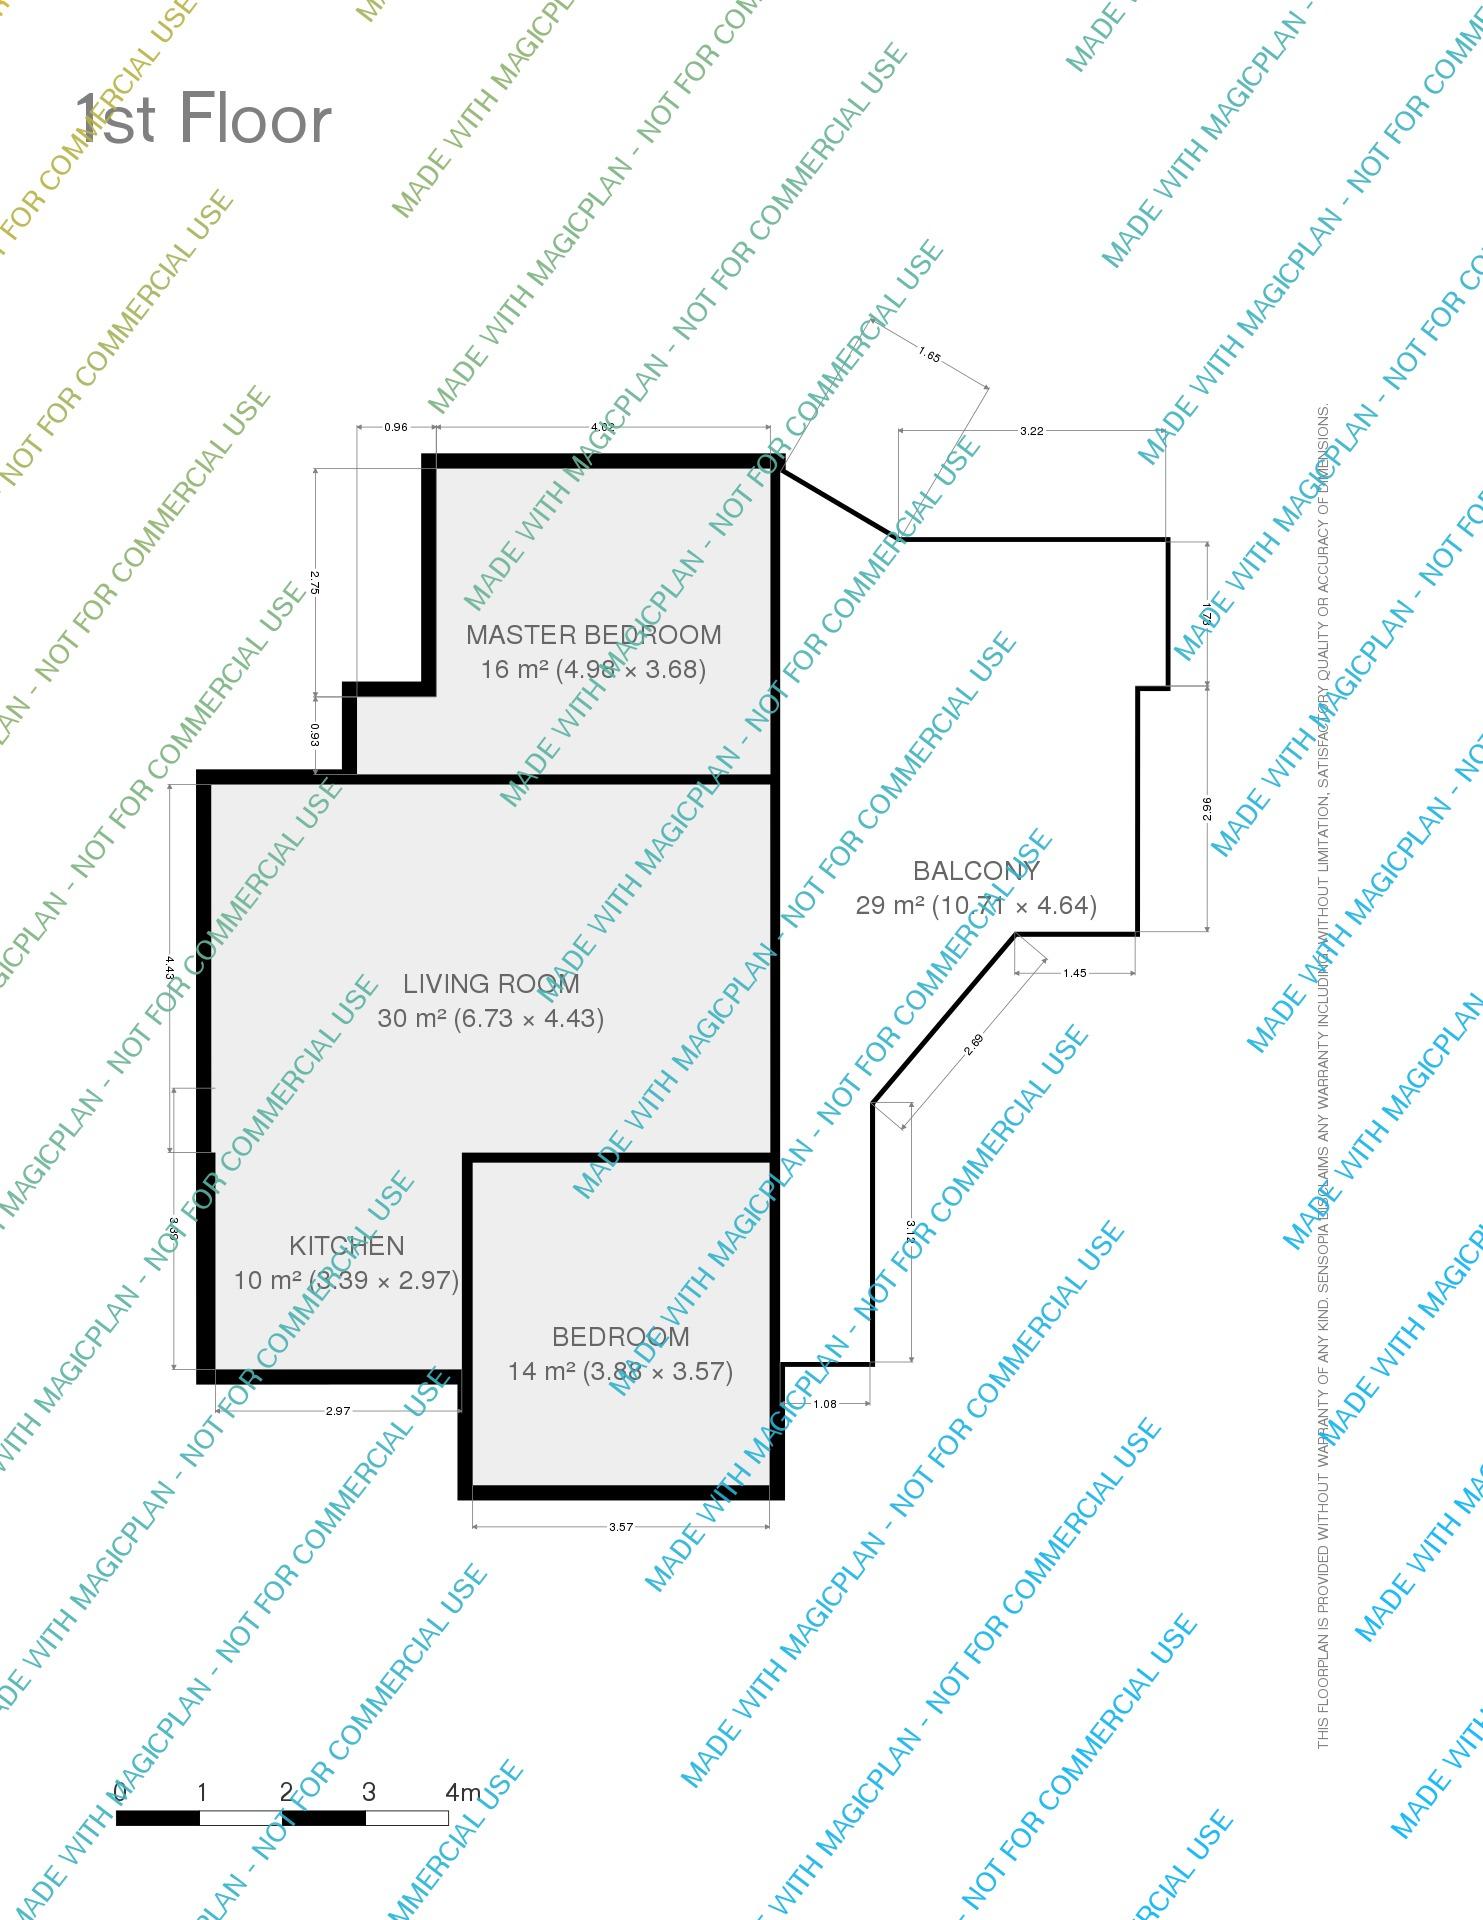 Plan 1 - 1st Floor